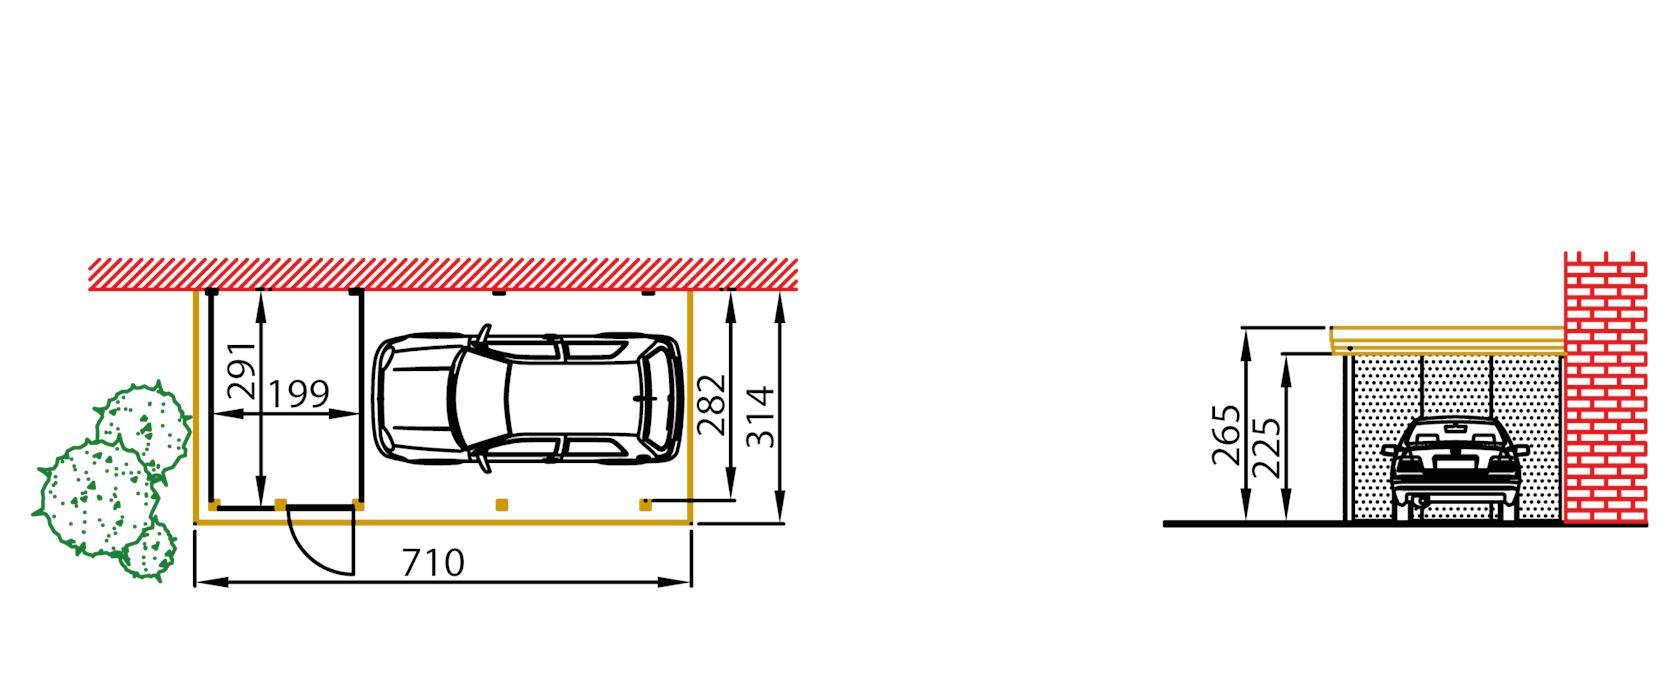 aanbouwcarport grenen a410 + berging